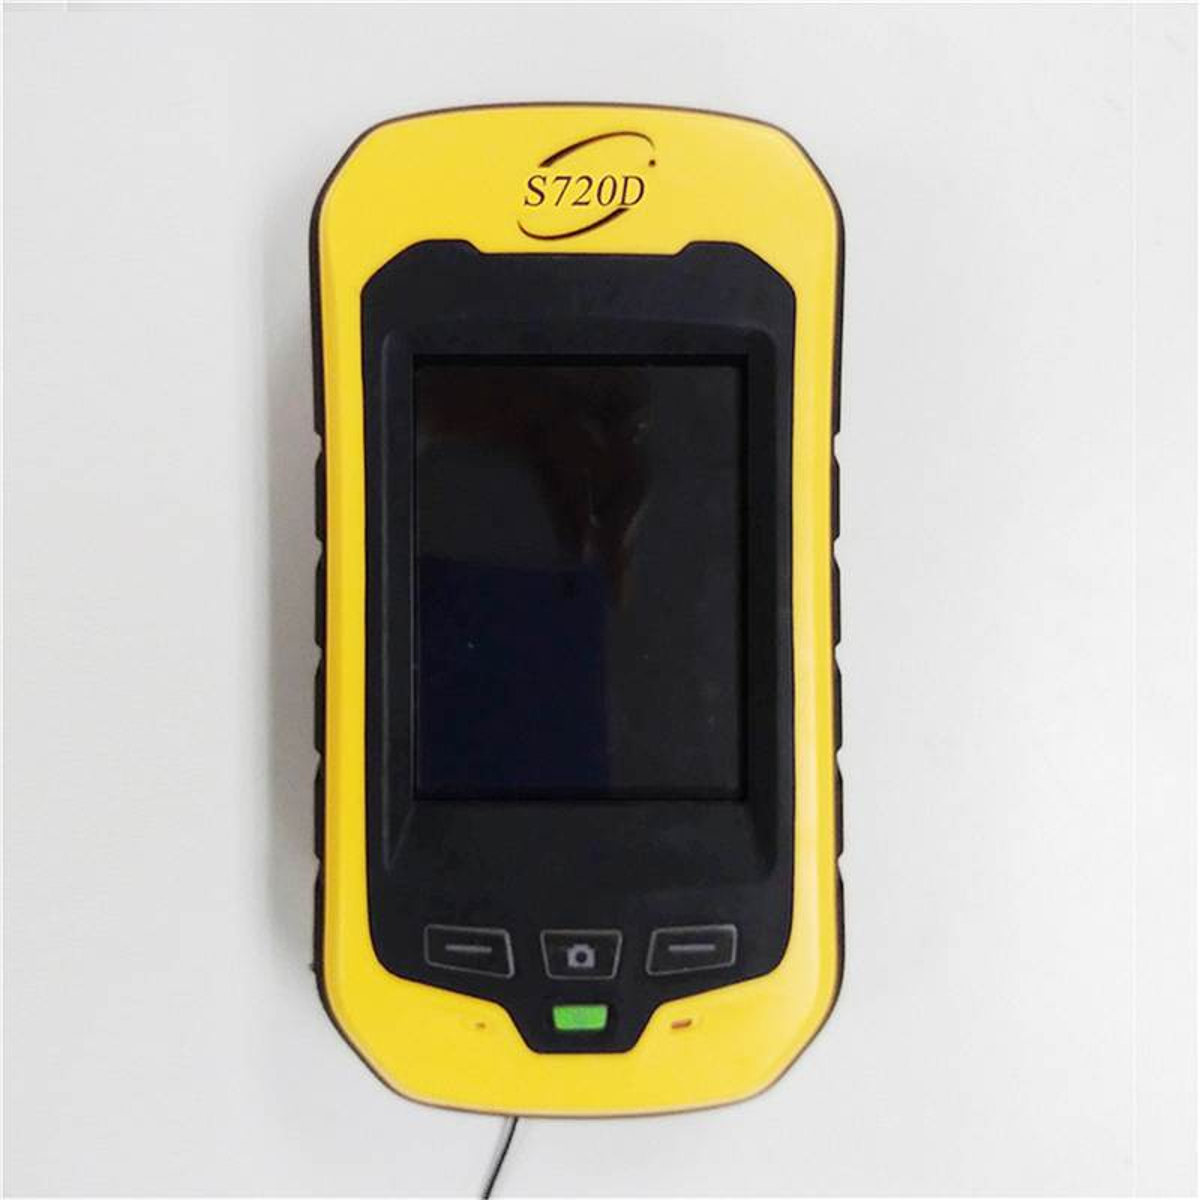 南方 S720D 手持GPS定位仪 GPS定位精度:单点定位5m(单位:台)